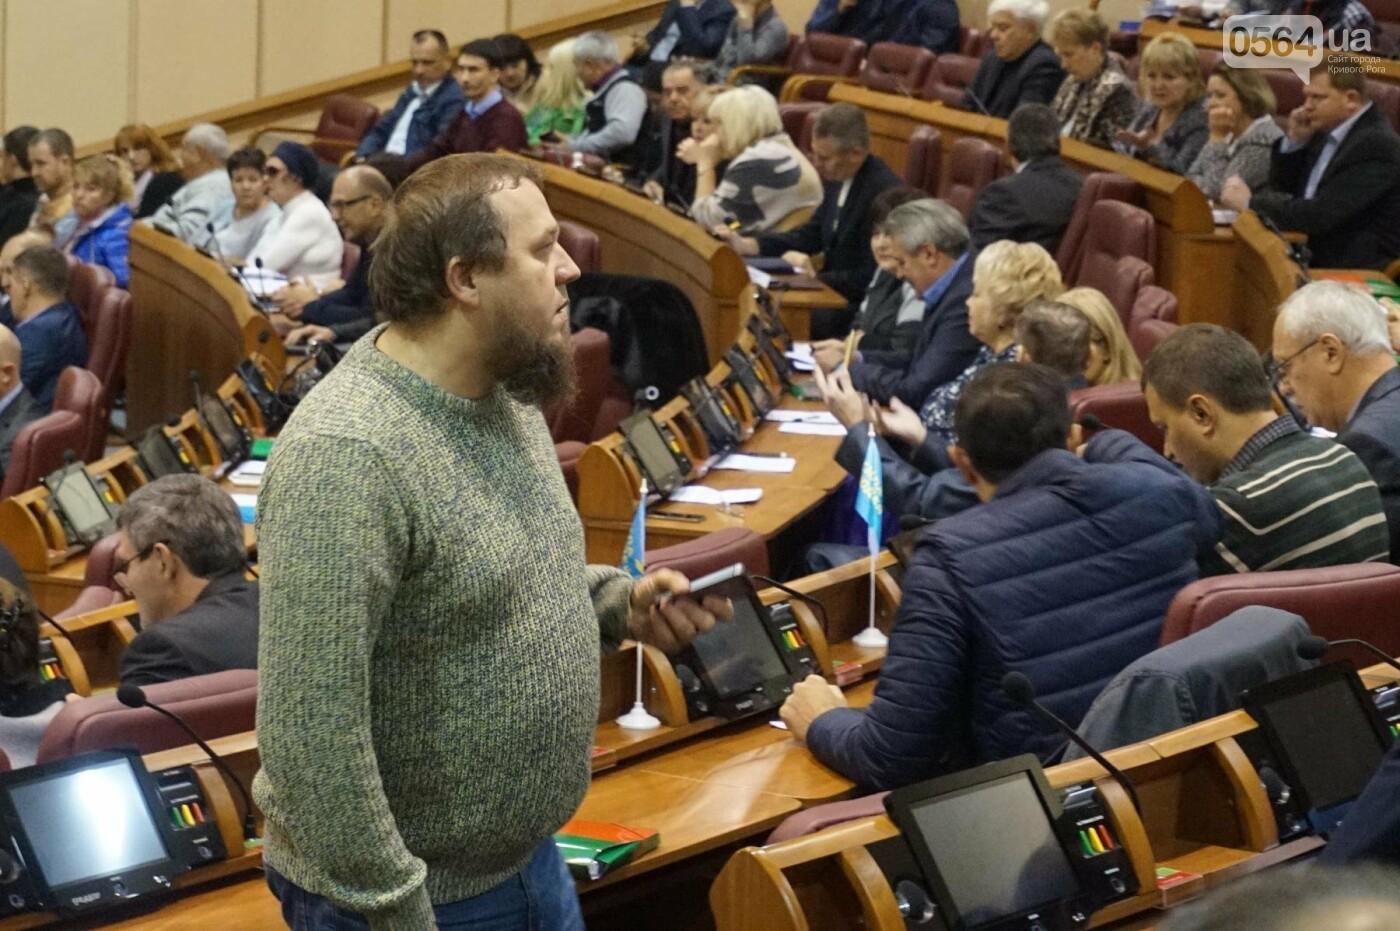 В Кривом Роге началась сессия. Впервые после обысков появилась Ольга Бабенко (ФОТО), фото-3